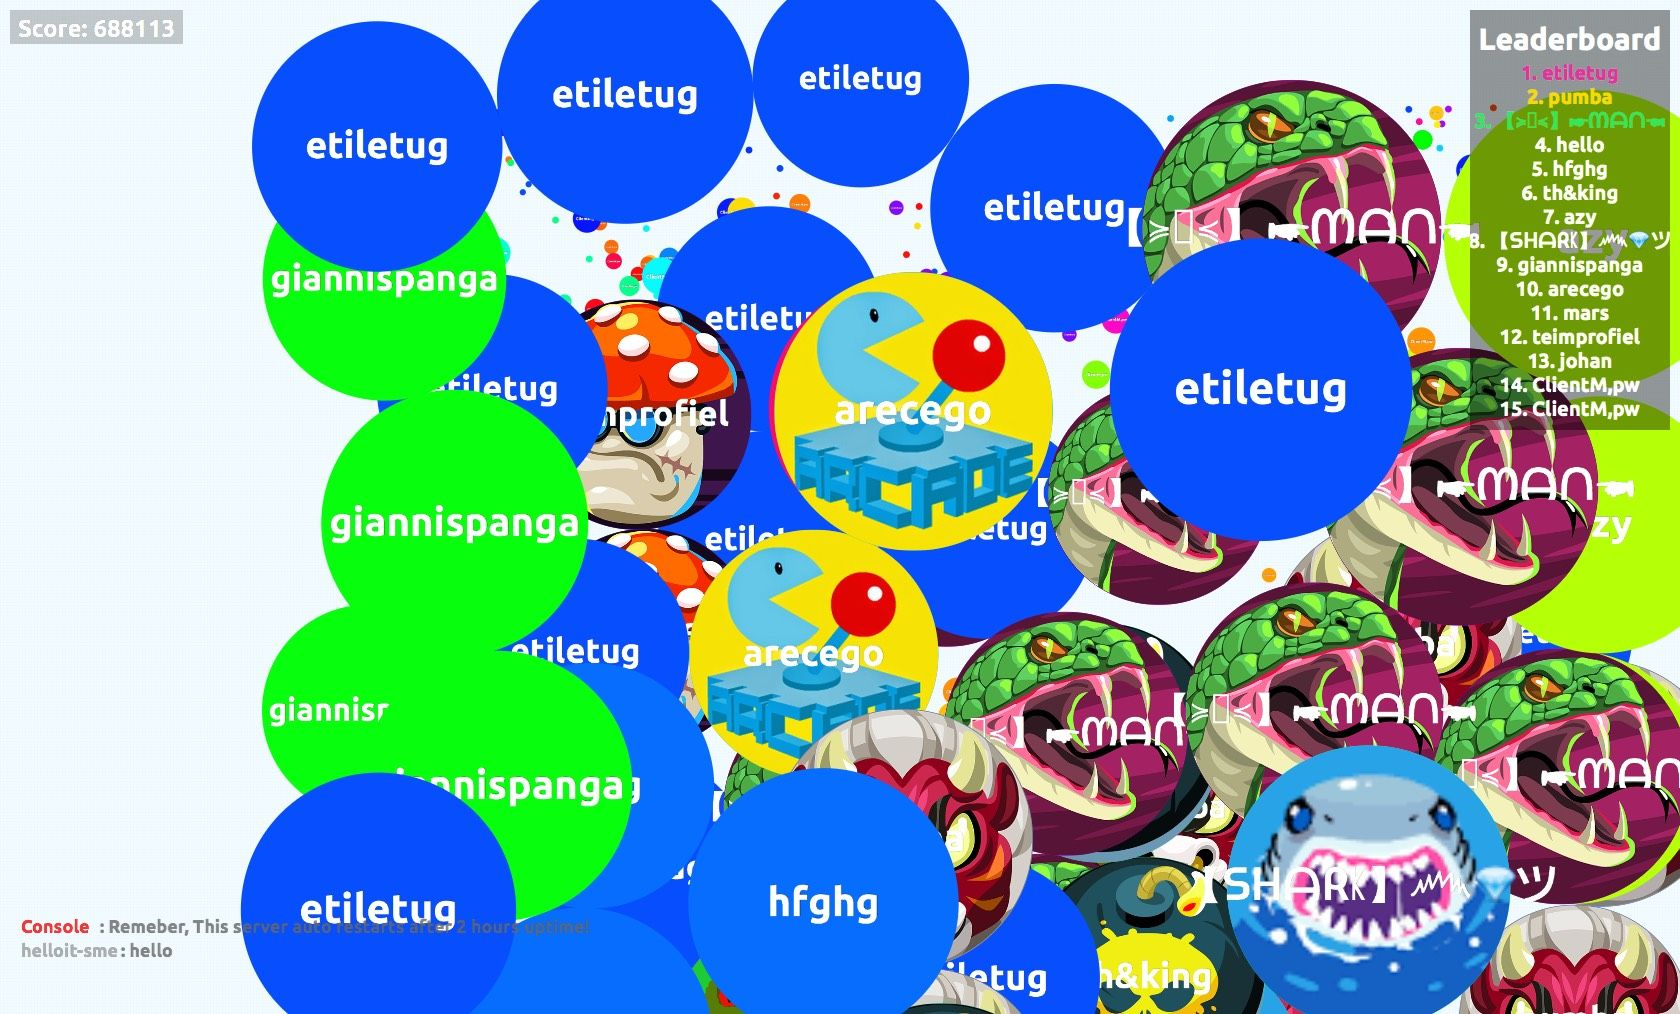 688113 score agario game // user screen shot